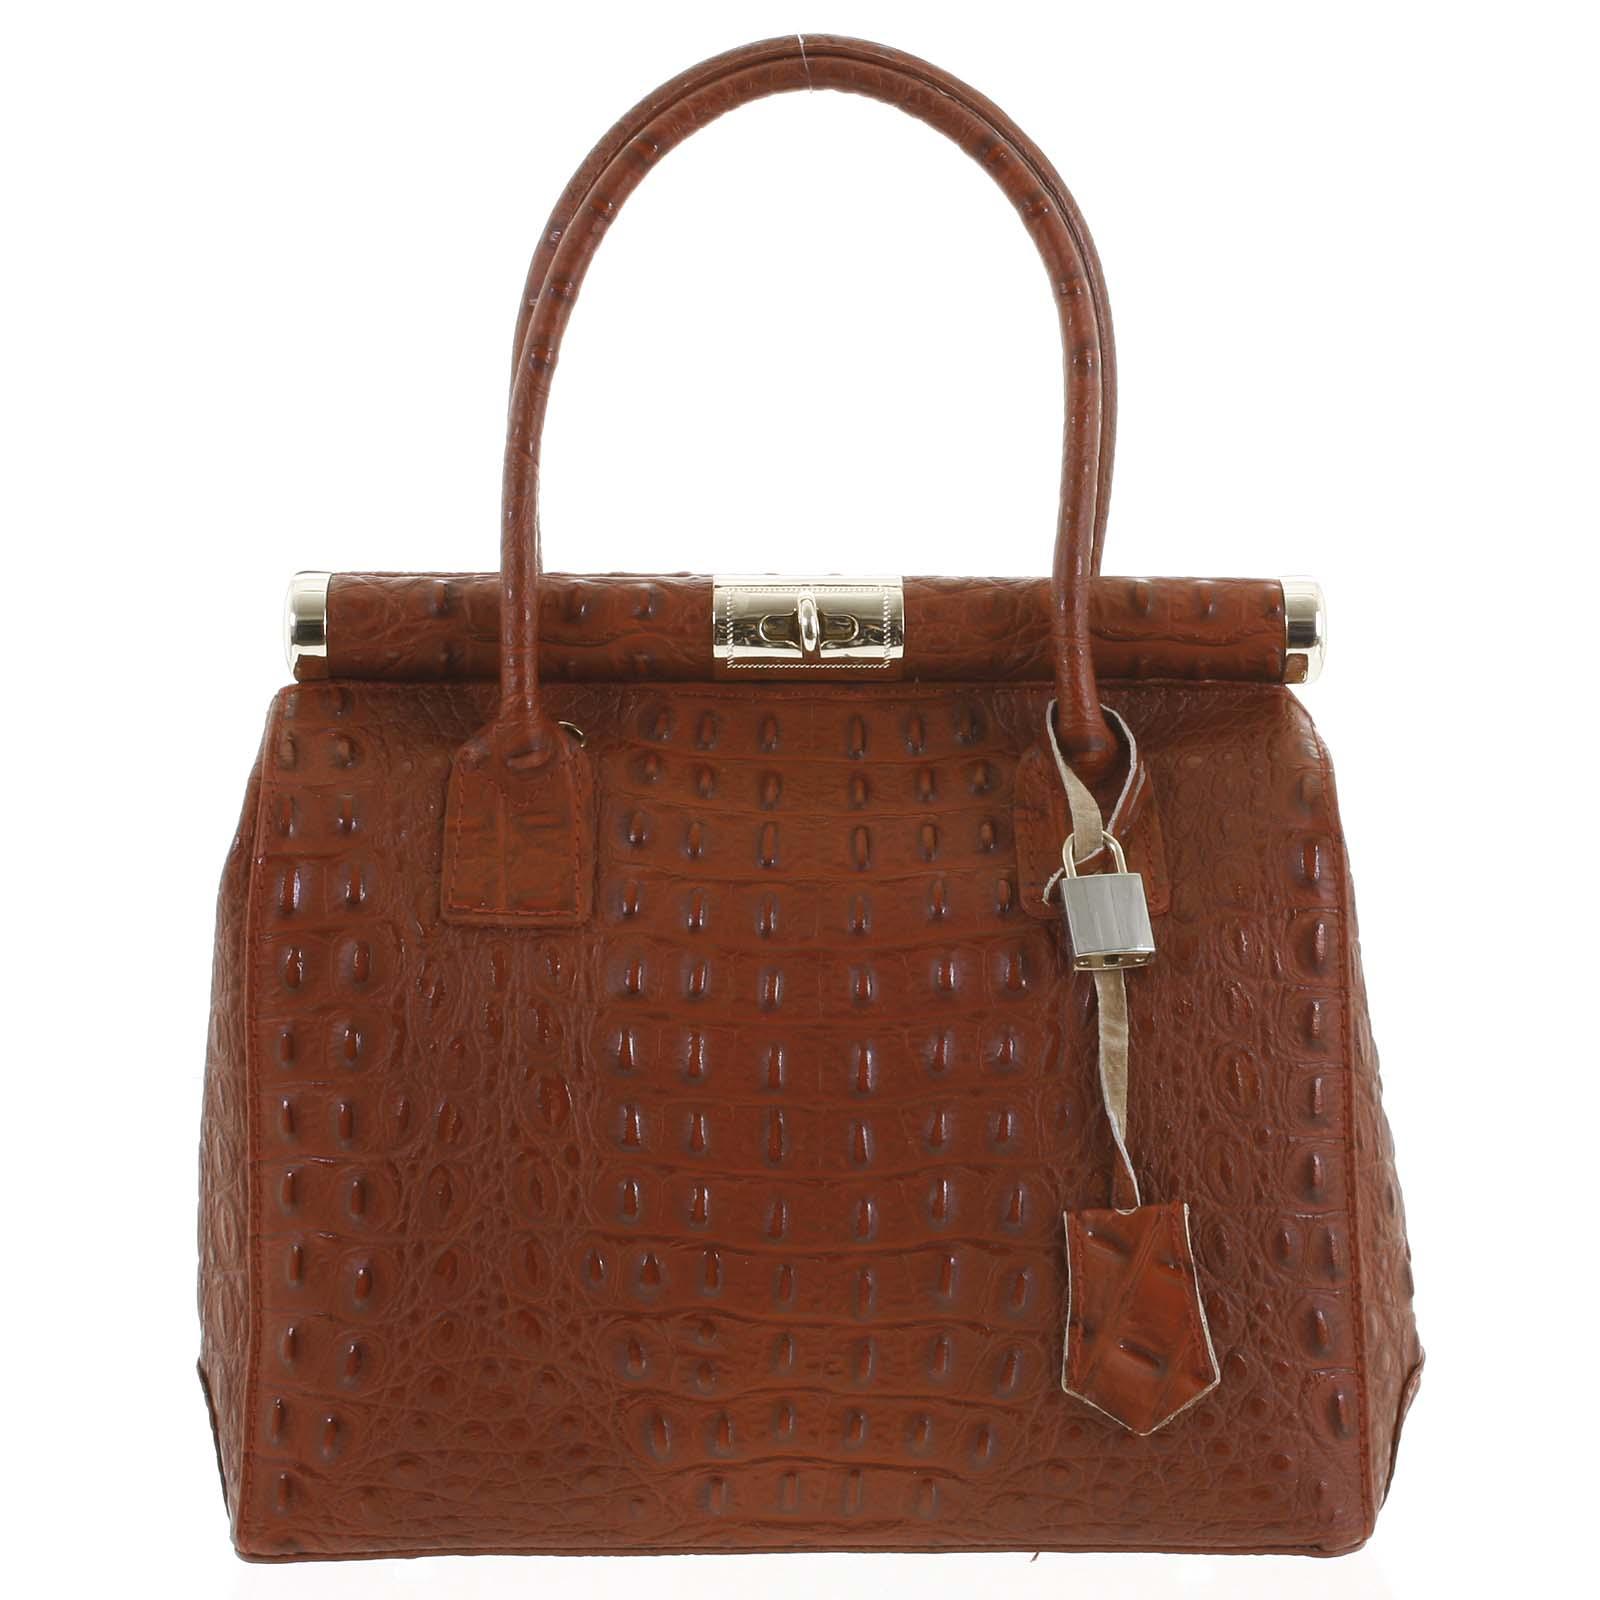 Luxusná dámska kožená kabelka do ruky tmavo červená - ItalY Hyla Kroko